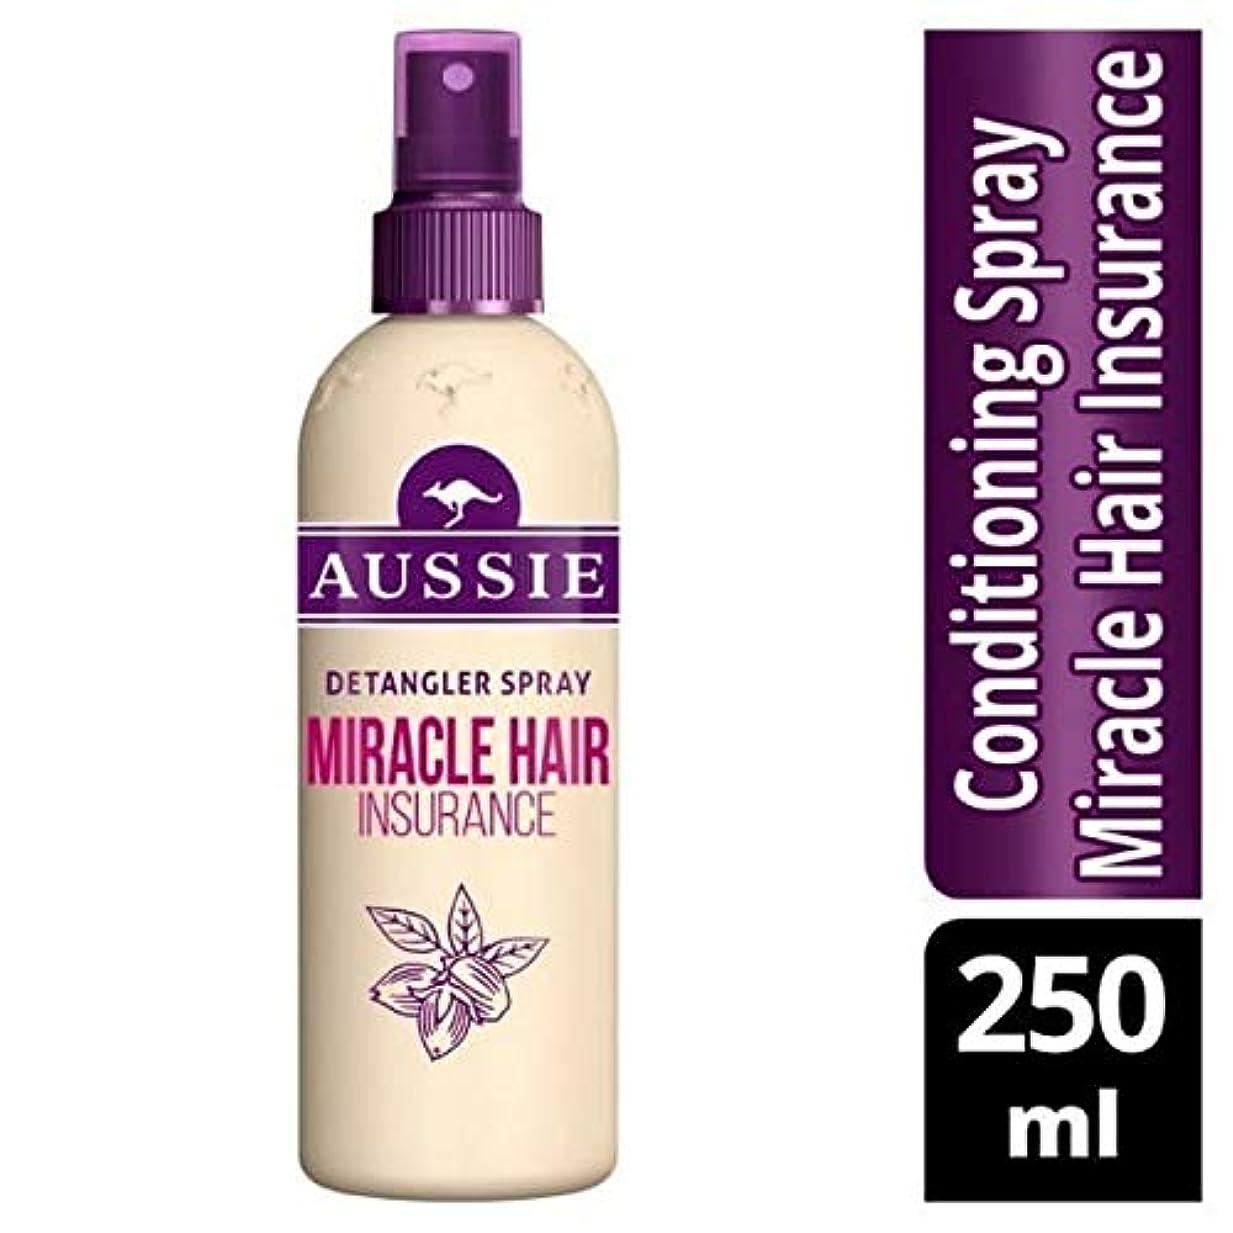 会員取り扱い東[Aussie ] オーストラリアの奇跡髪保険Detanglerスプレー250ミリリットル - Aussie Miracle Hair Insurance Detangler Spray 250ml [並行輸入品]